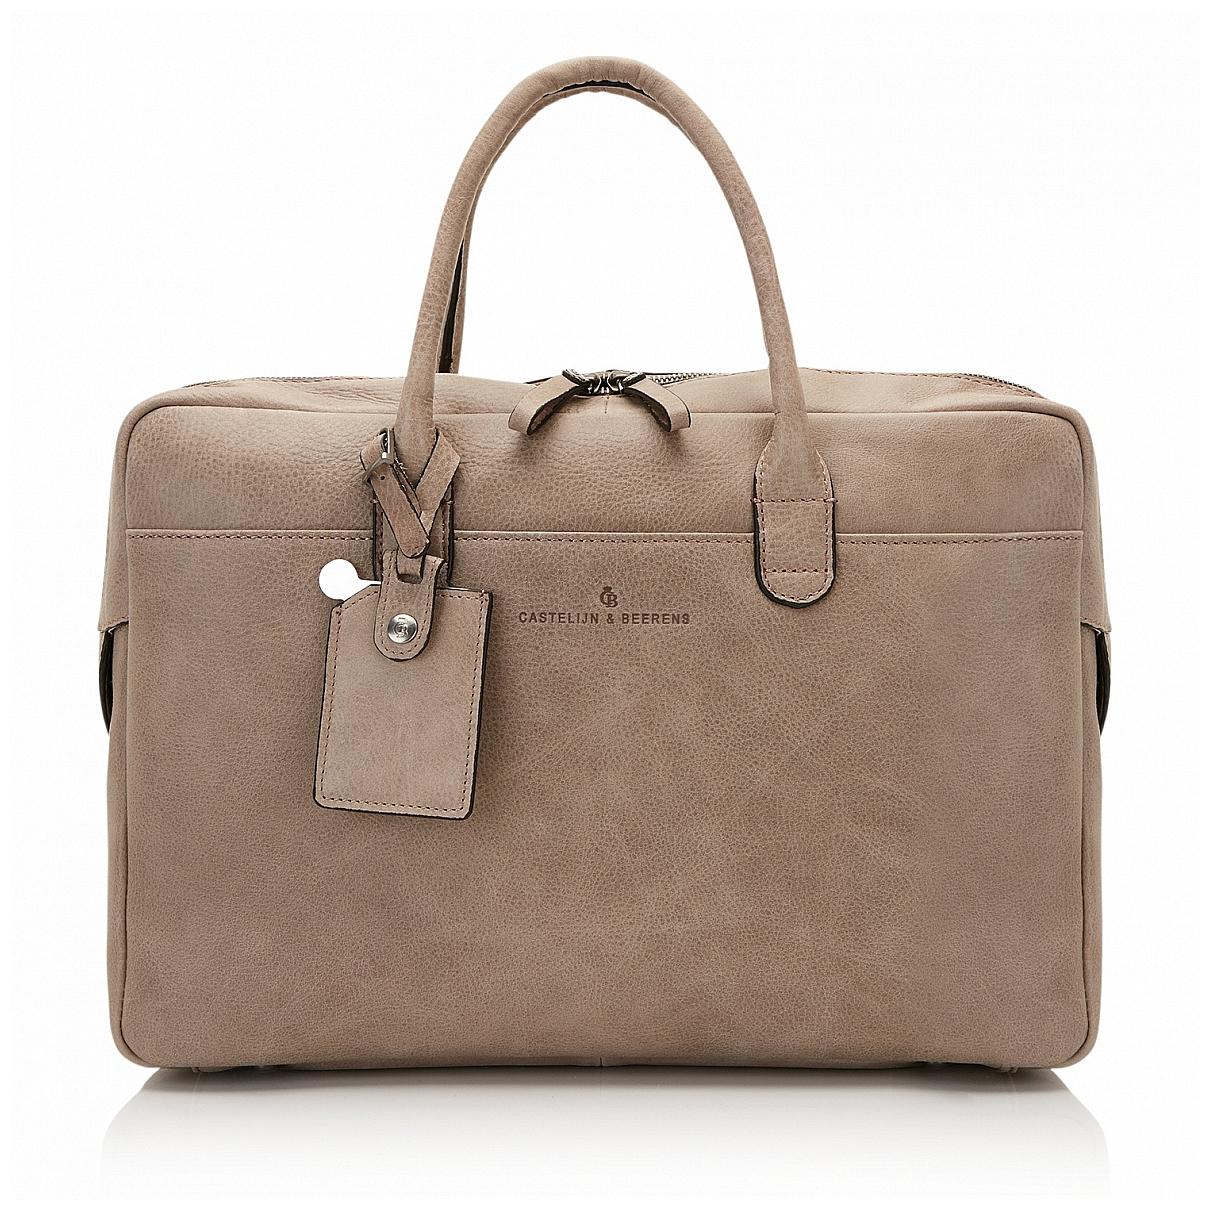 Castelijn & Beerens Kožená taška na notebook a tablet 729478 GS šedá